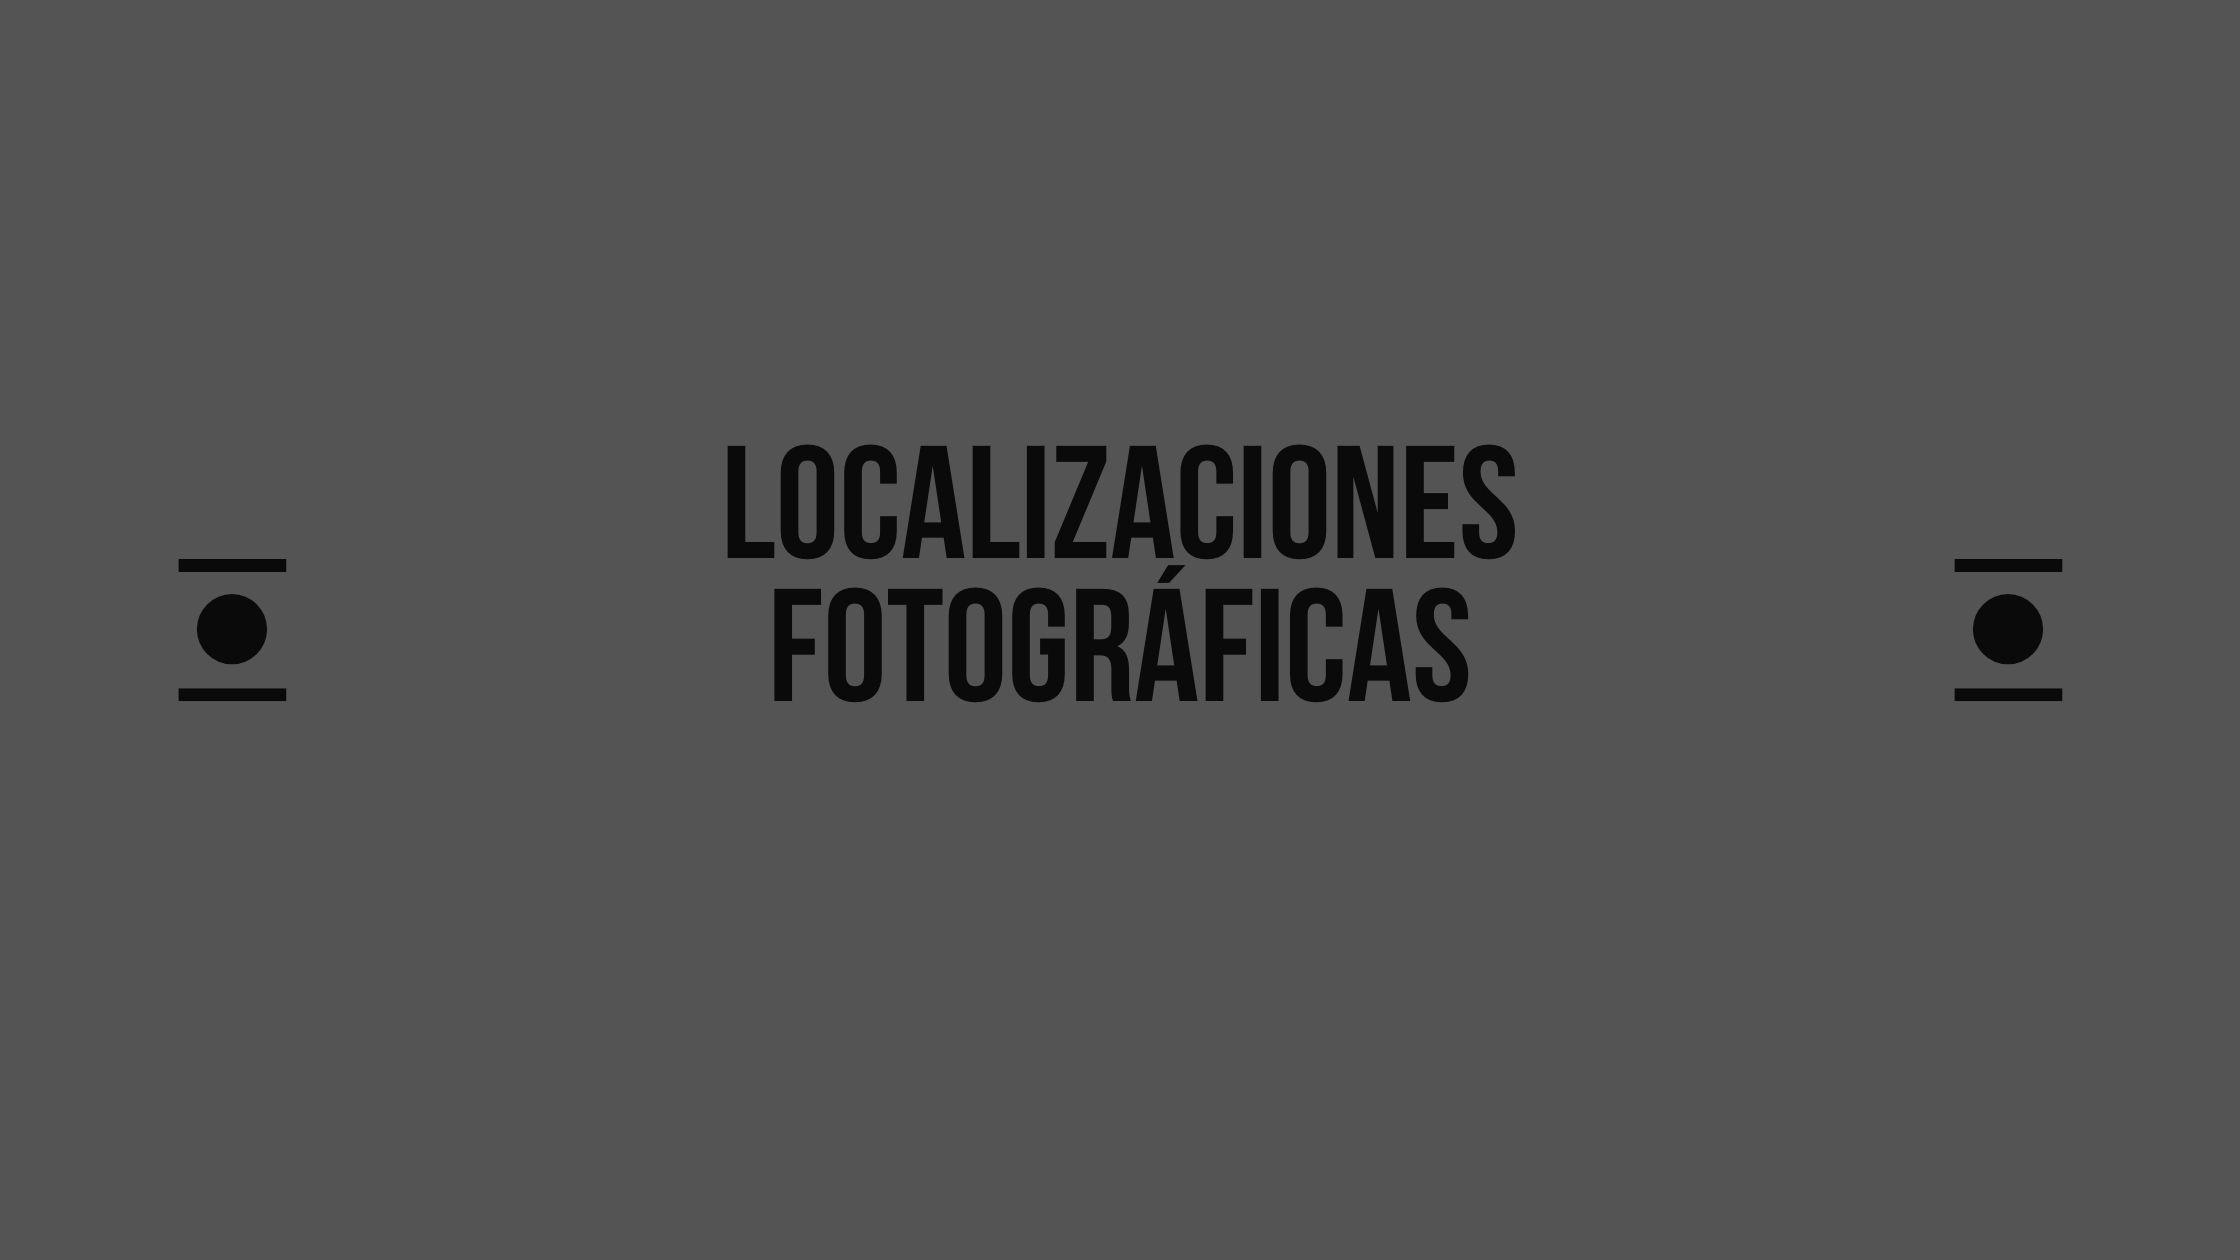 Localizaciones fotográficas - Video Tutoriales Localizaciones Fotográficas. JFTFOTO